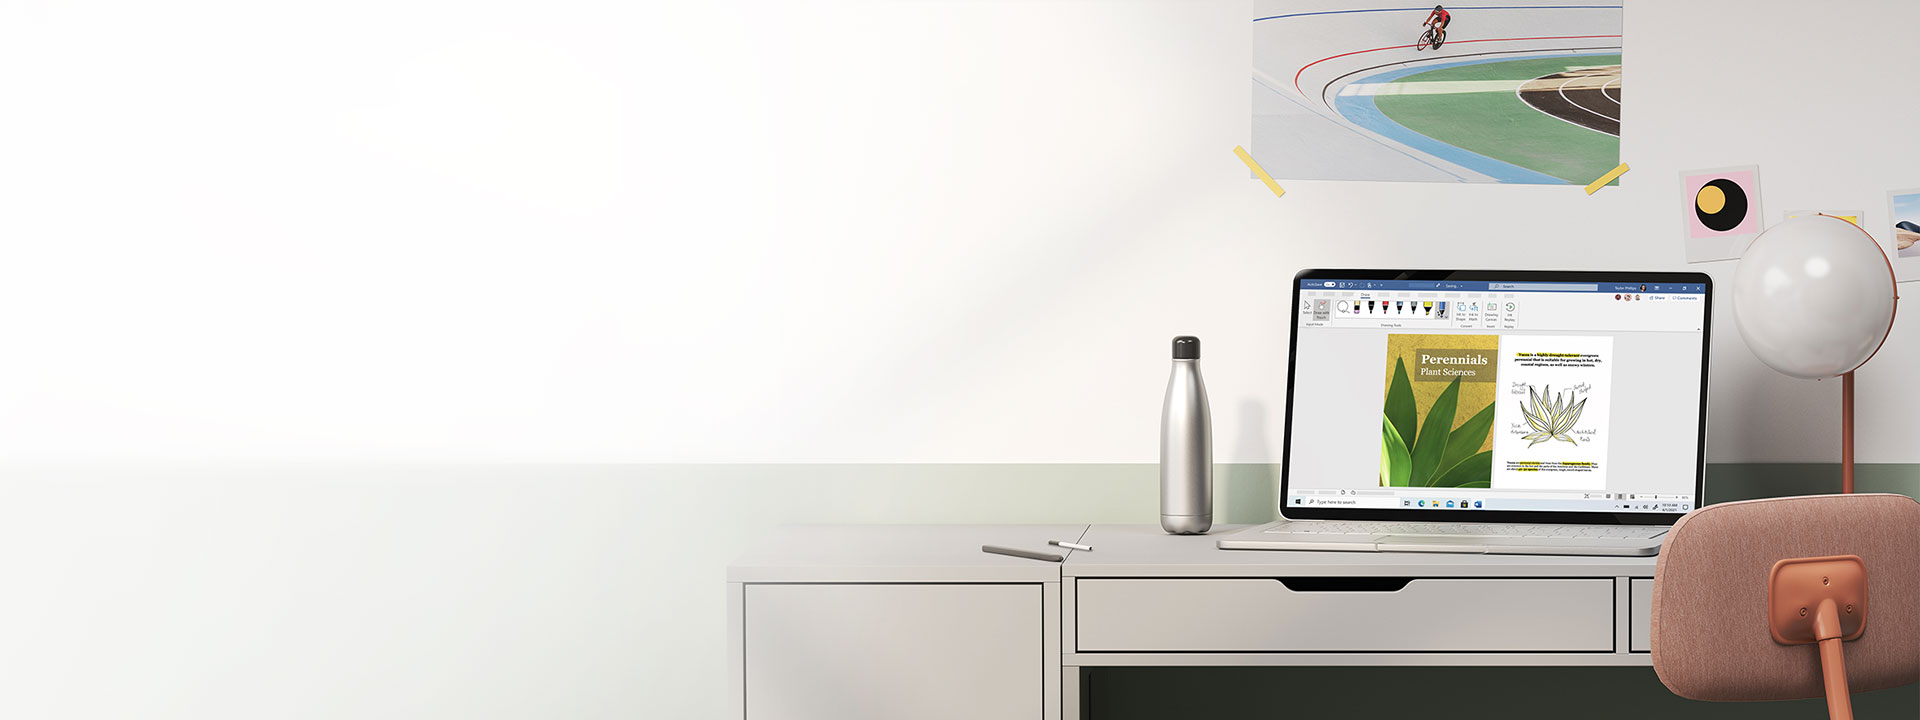 桌上的 Windows10 笔记本电脑